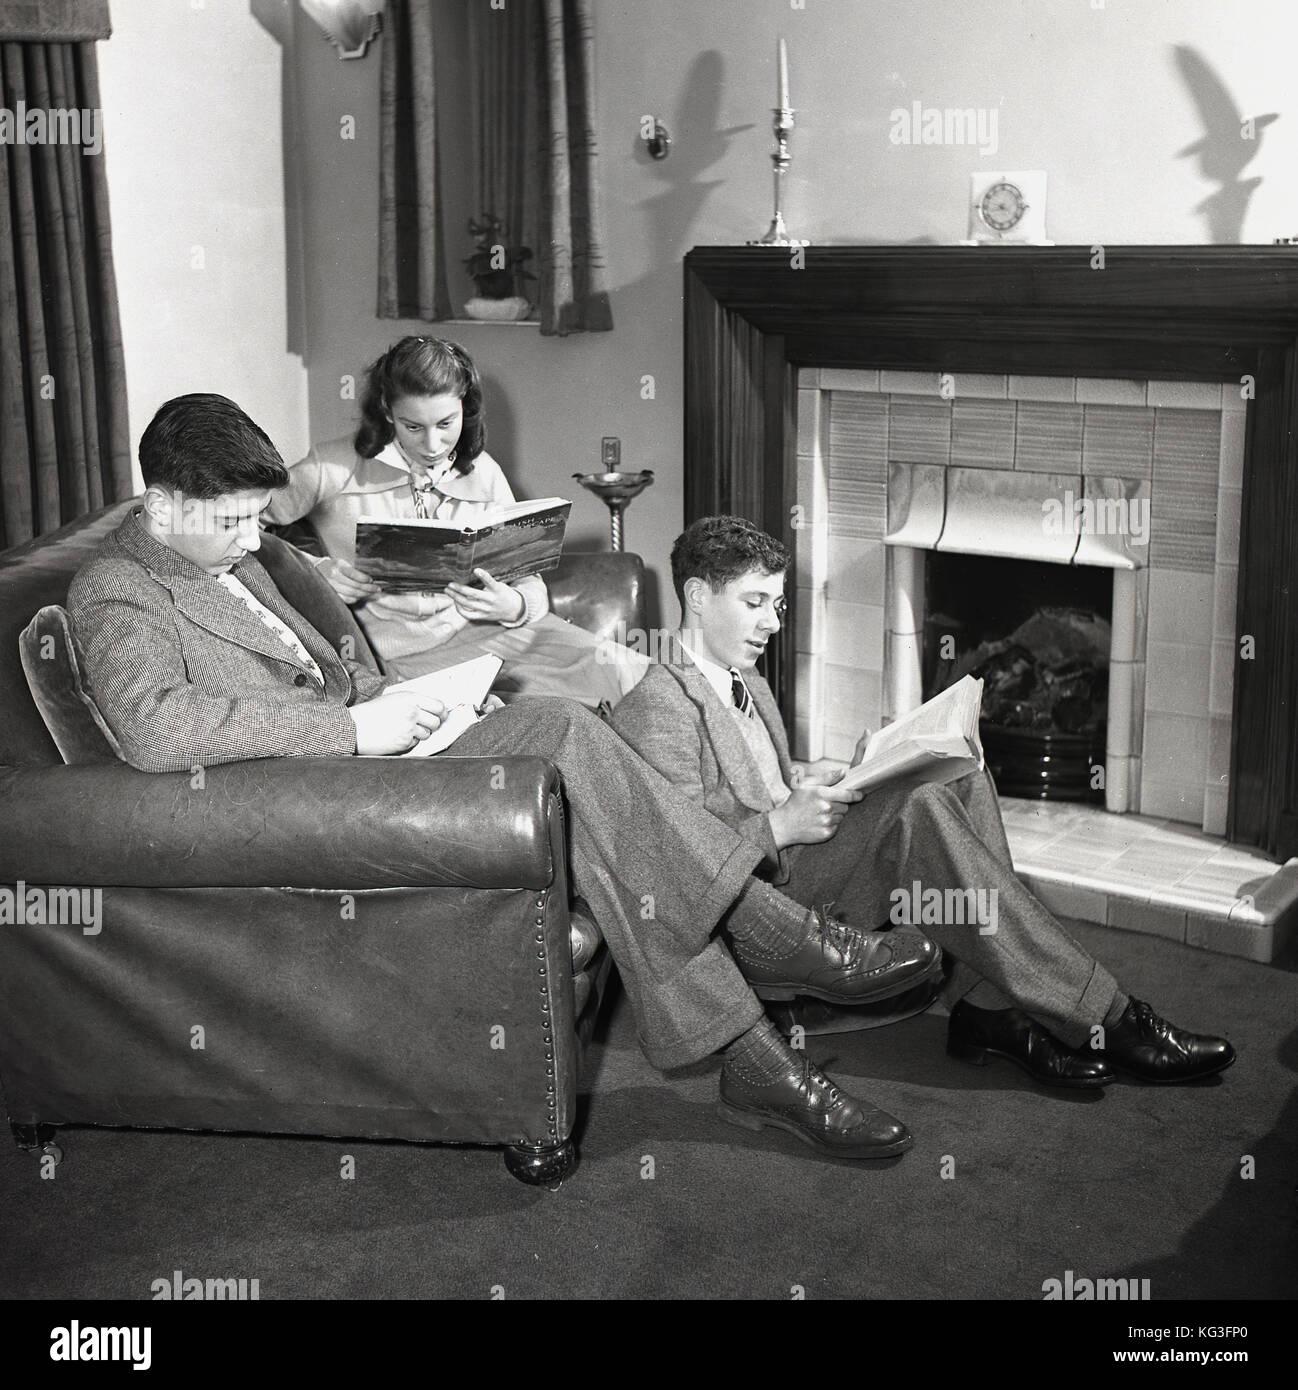 Chambre De Jeune Adulte années 1950, tableau historique des trois jeunes adultes